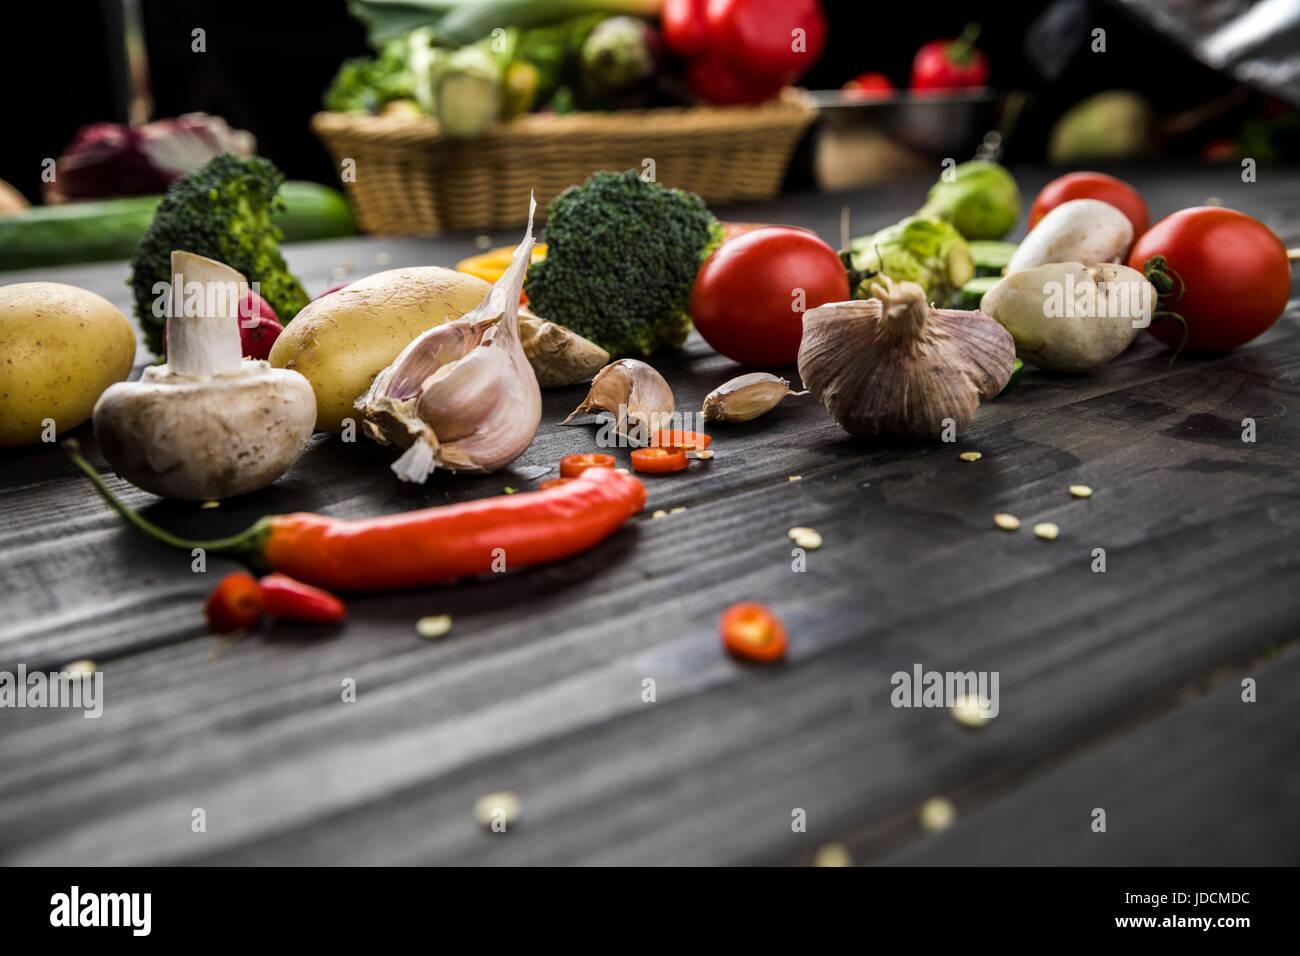 Nahaufnahme von frischem Gemüse der Saison auf Holztisch Hintergrund Stockbild